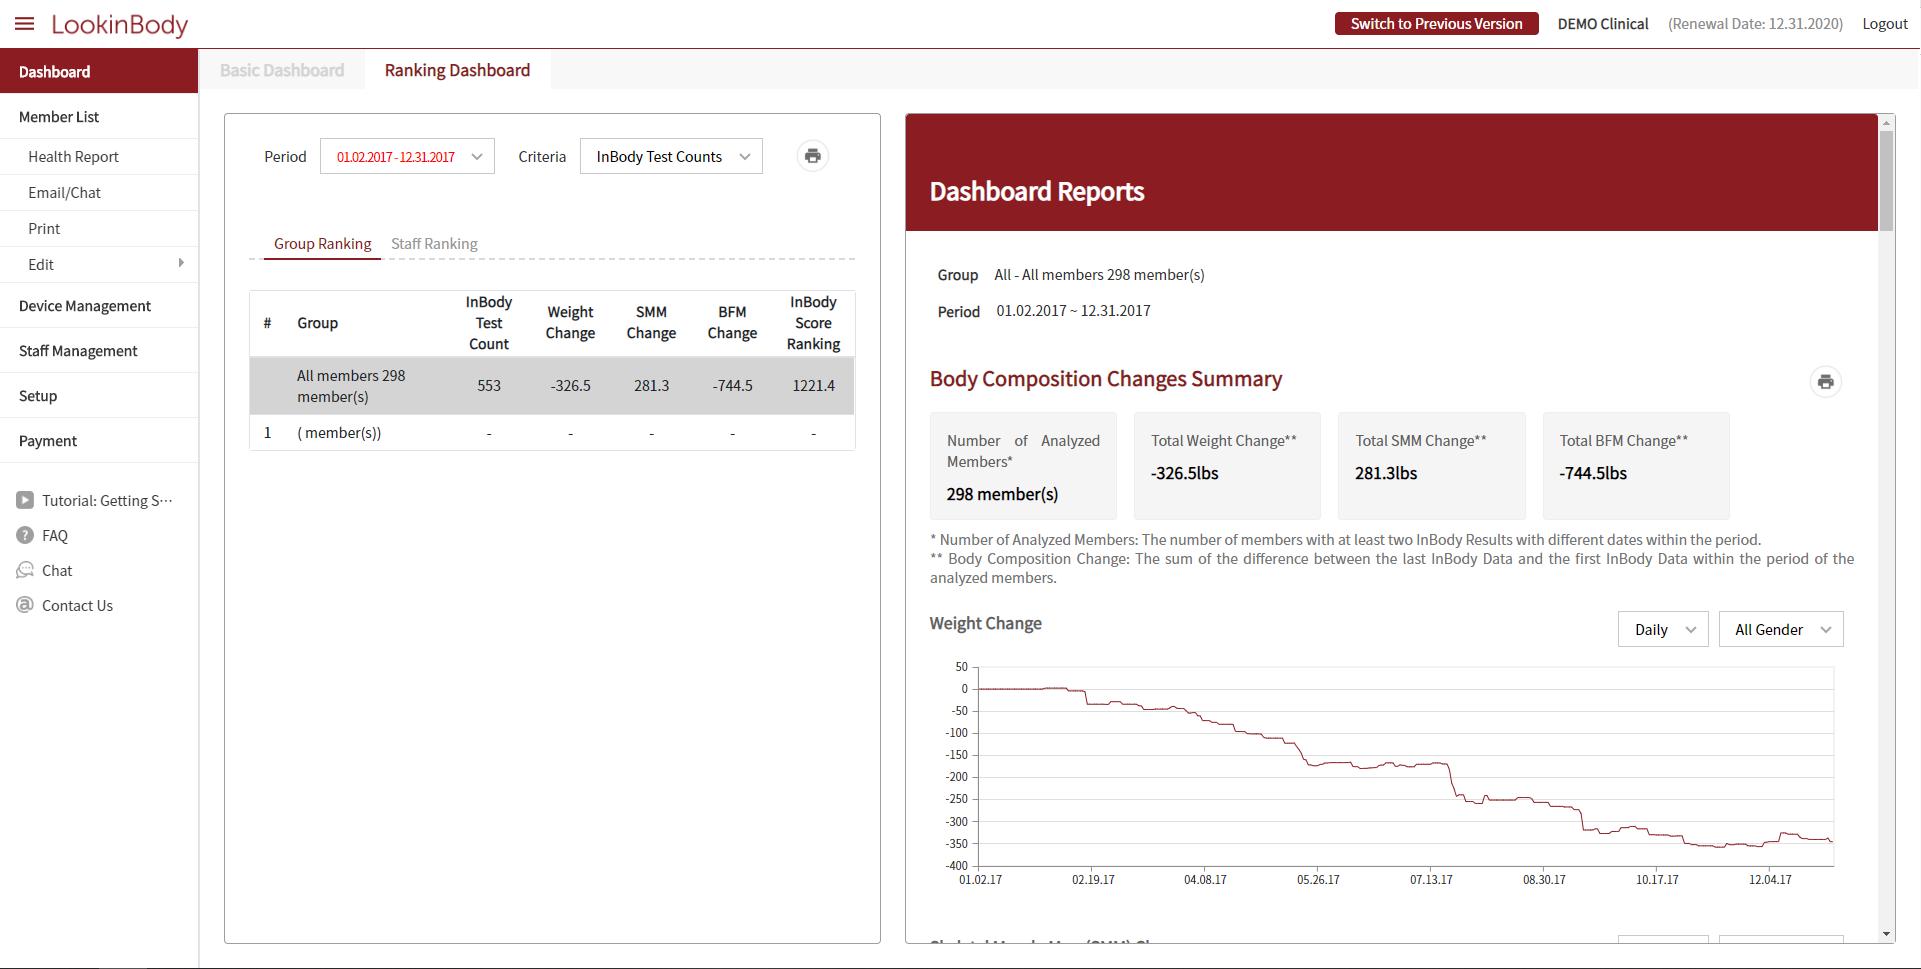 LookinBody Web Dashboard Multilocation Report